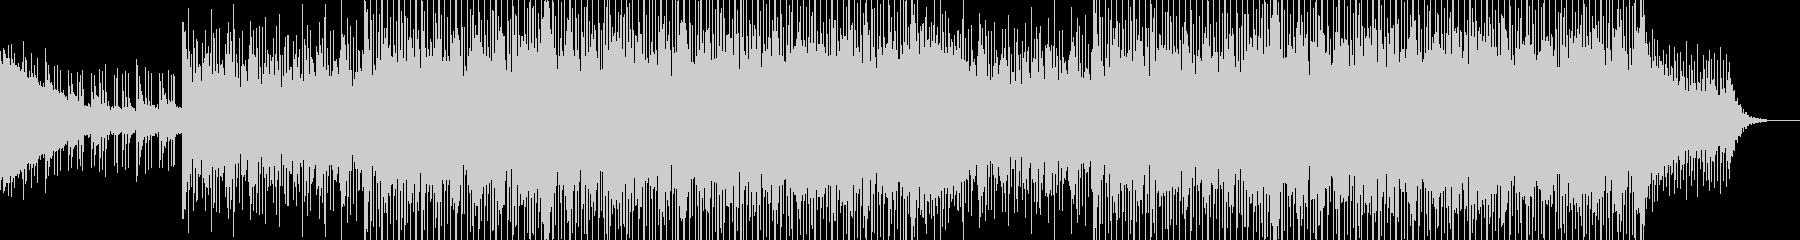 EDMクラブ系ダンスミュージック-77の未再生の波形